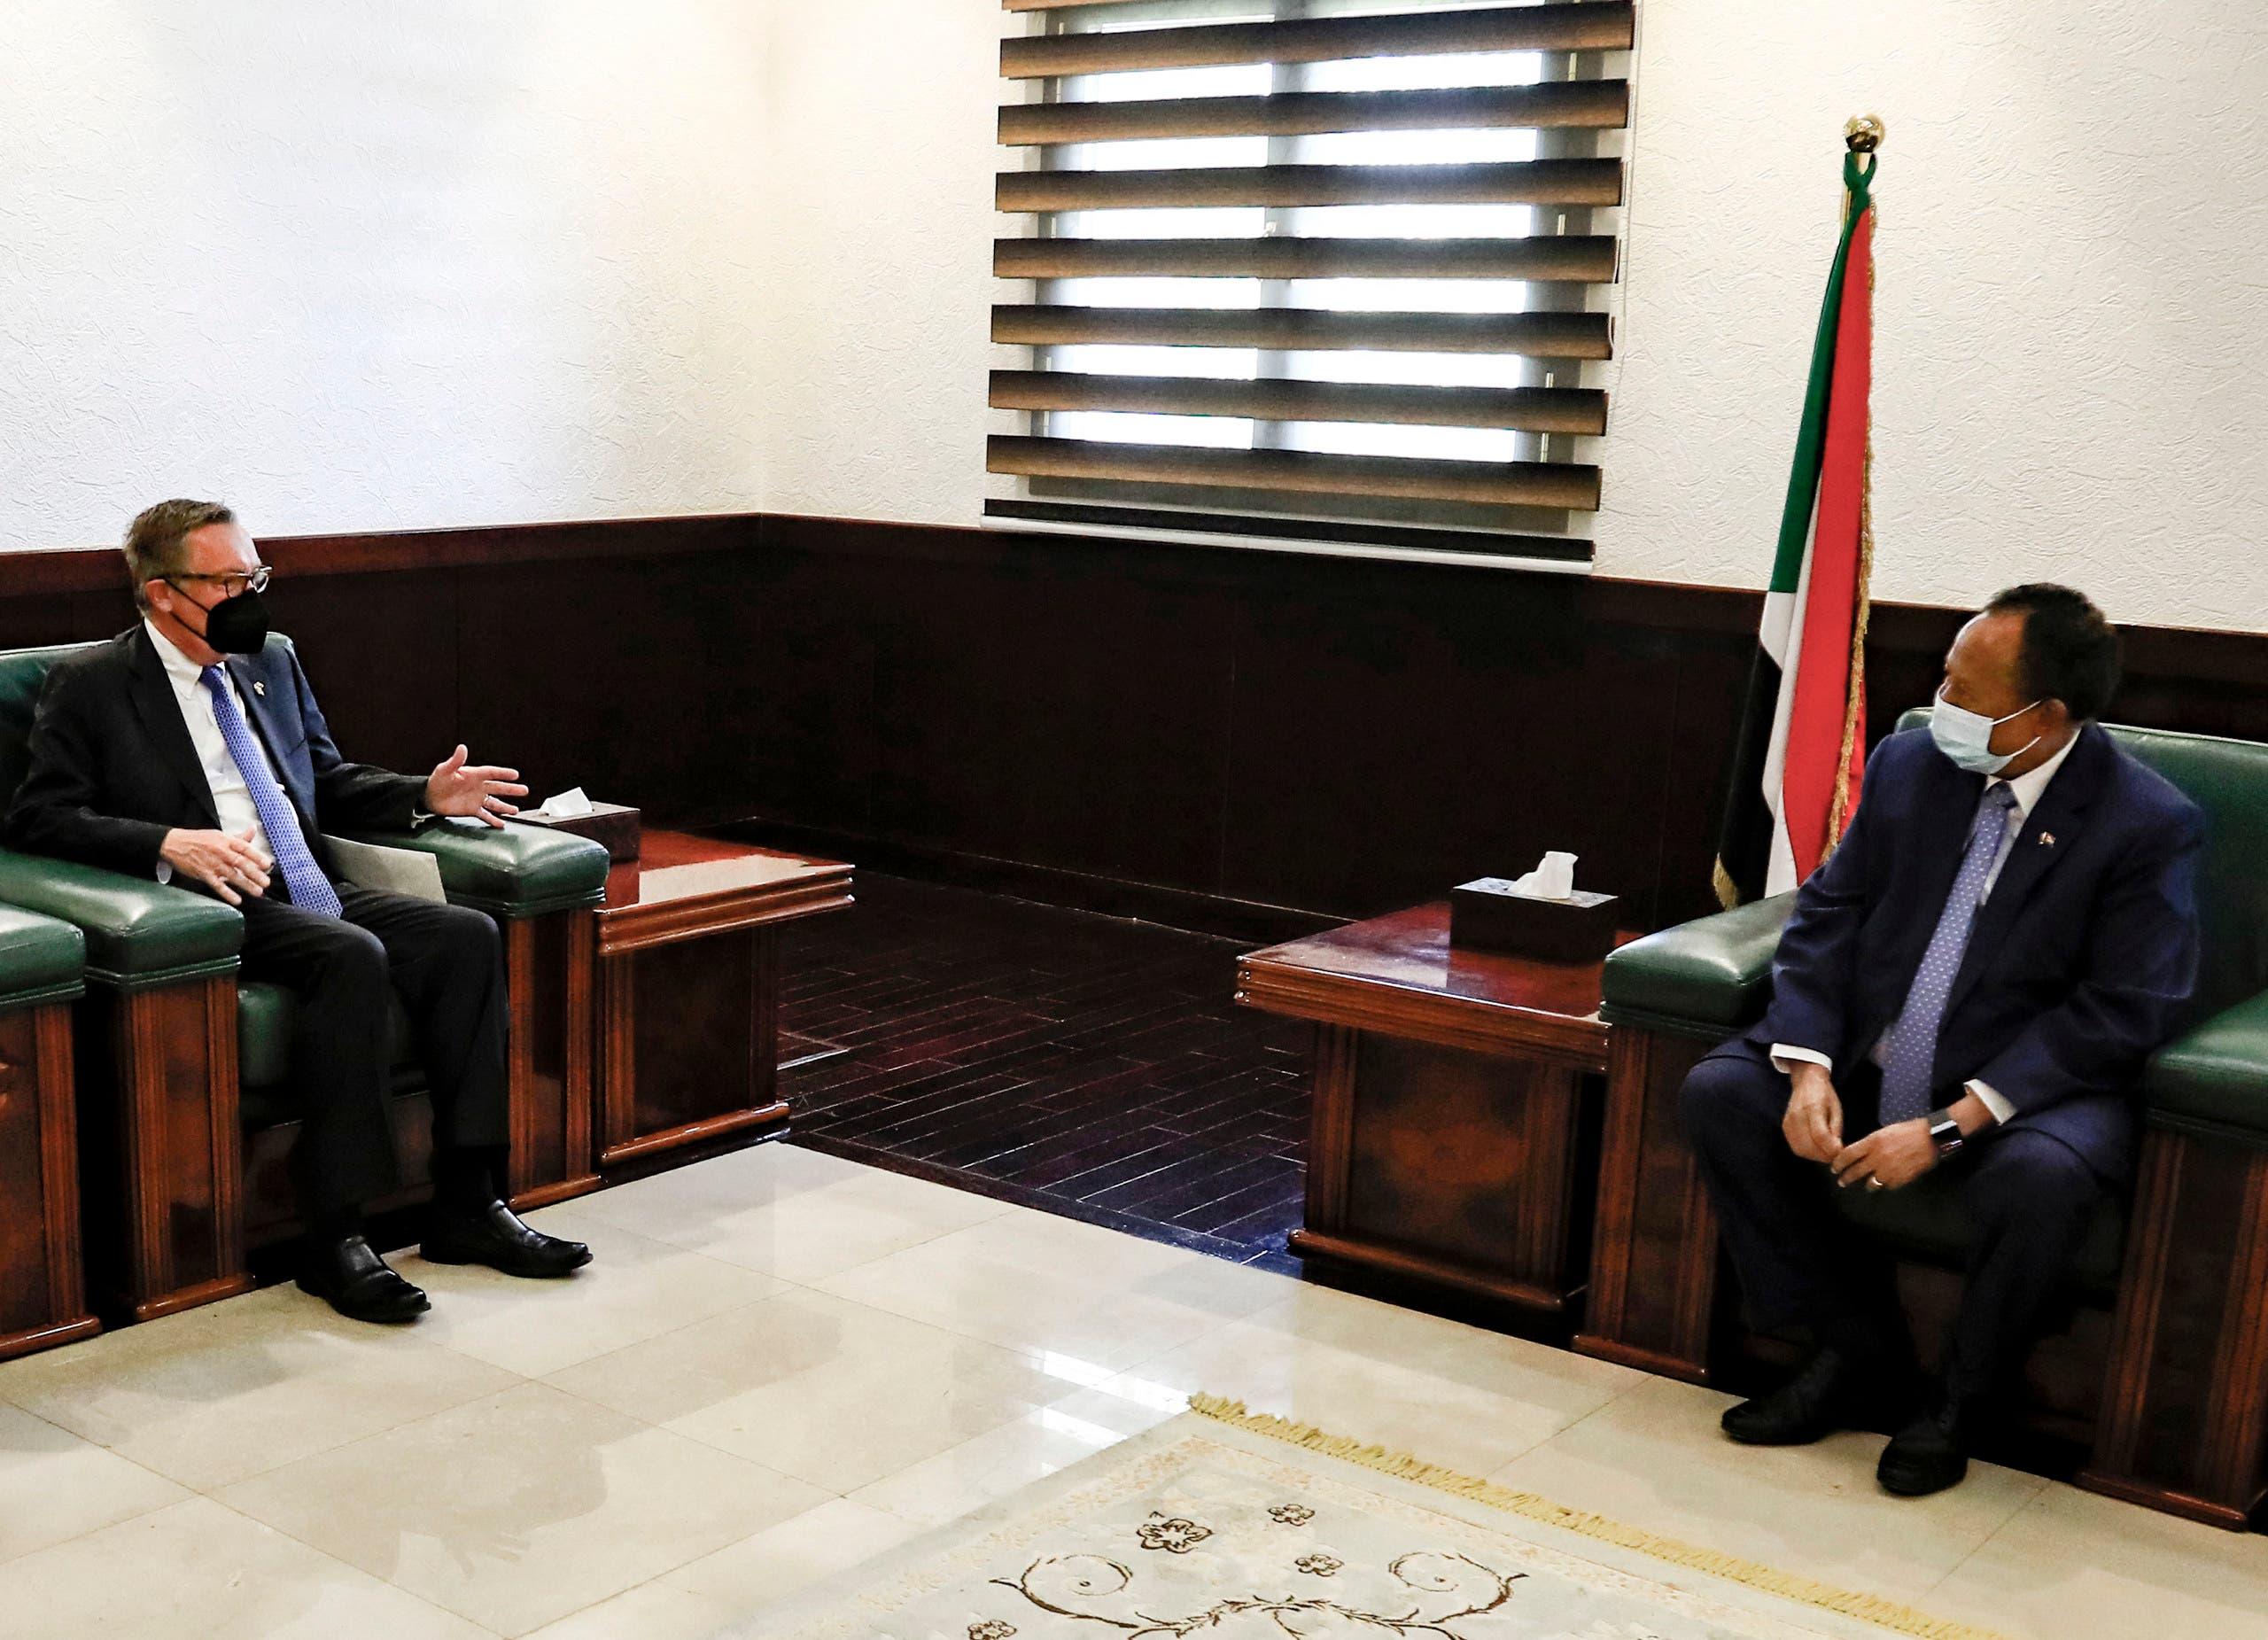 لقاء حمدوك وفيلتمان يوم 29 سبتمبر في الخرطوم (فرانس برس)